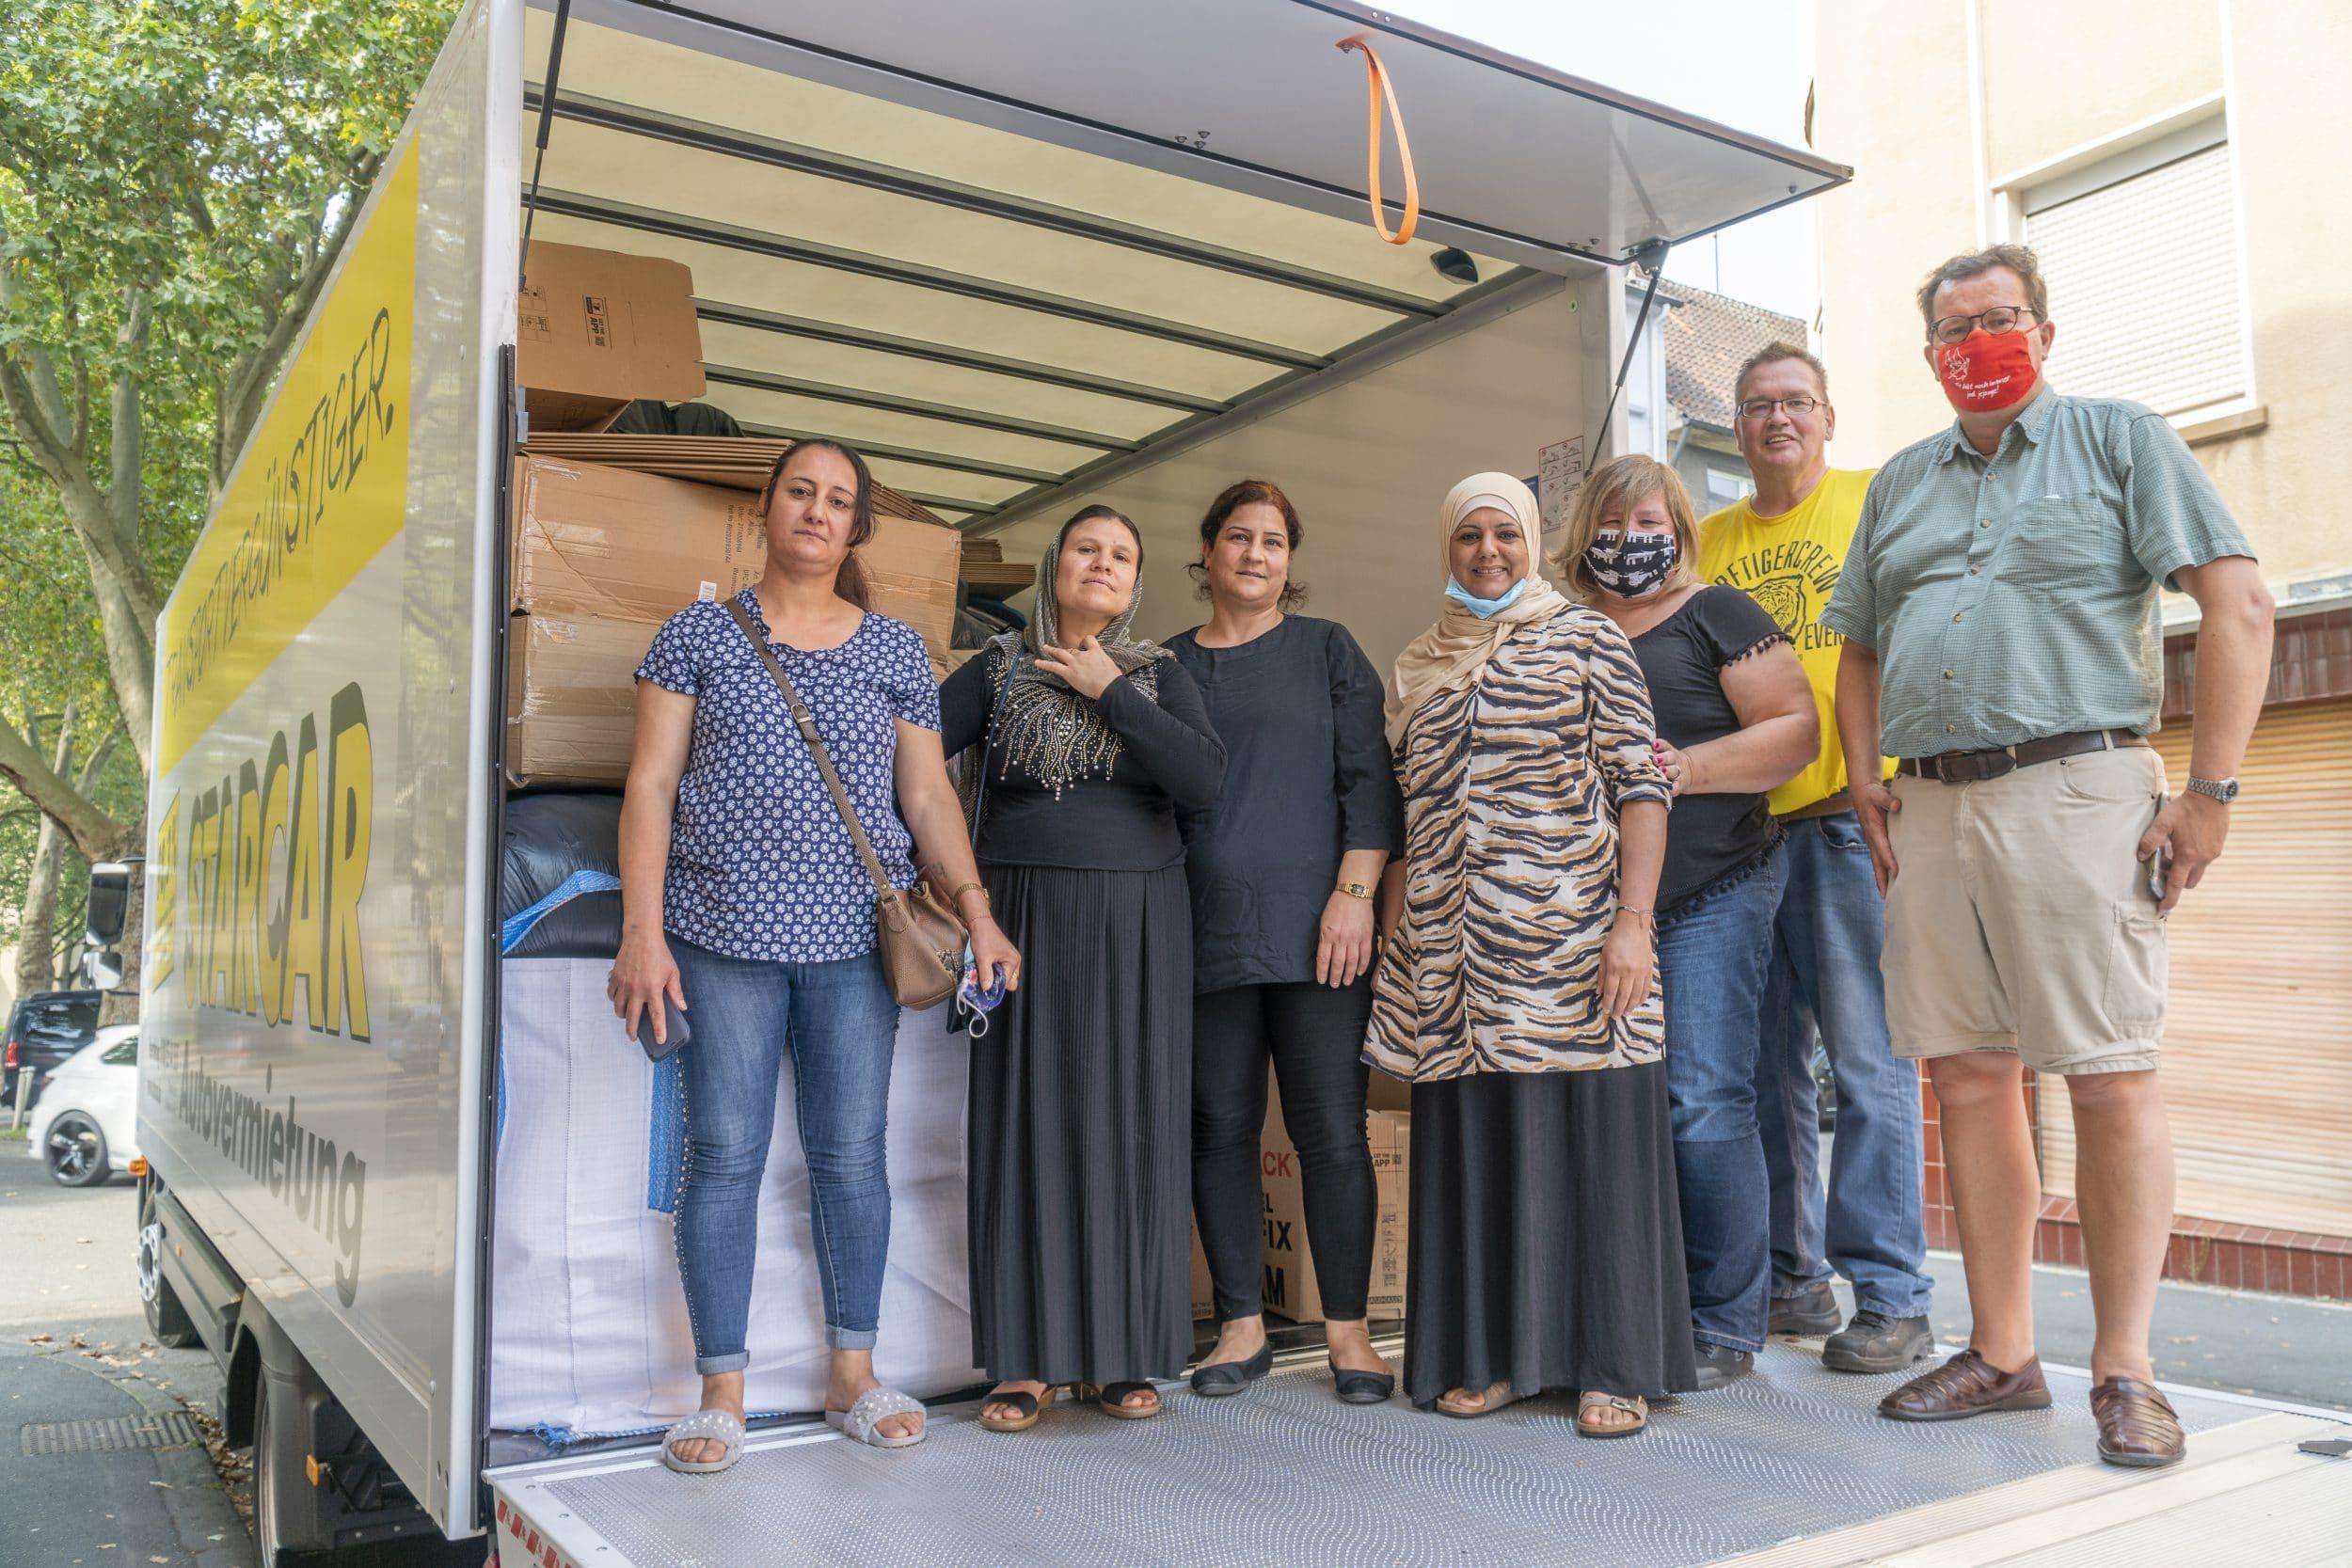 Gemeinsam beluden (v. l.) Mahwar, Kanzi, Basma, Haniya, Fabiola, Timo und Tino den LKW zur Fahrt nach Nettetal. (Fotos: IN-StadtMagazine)